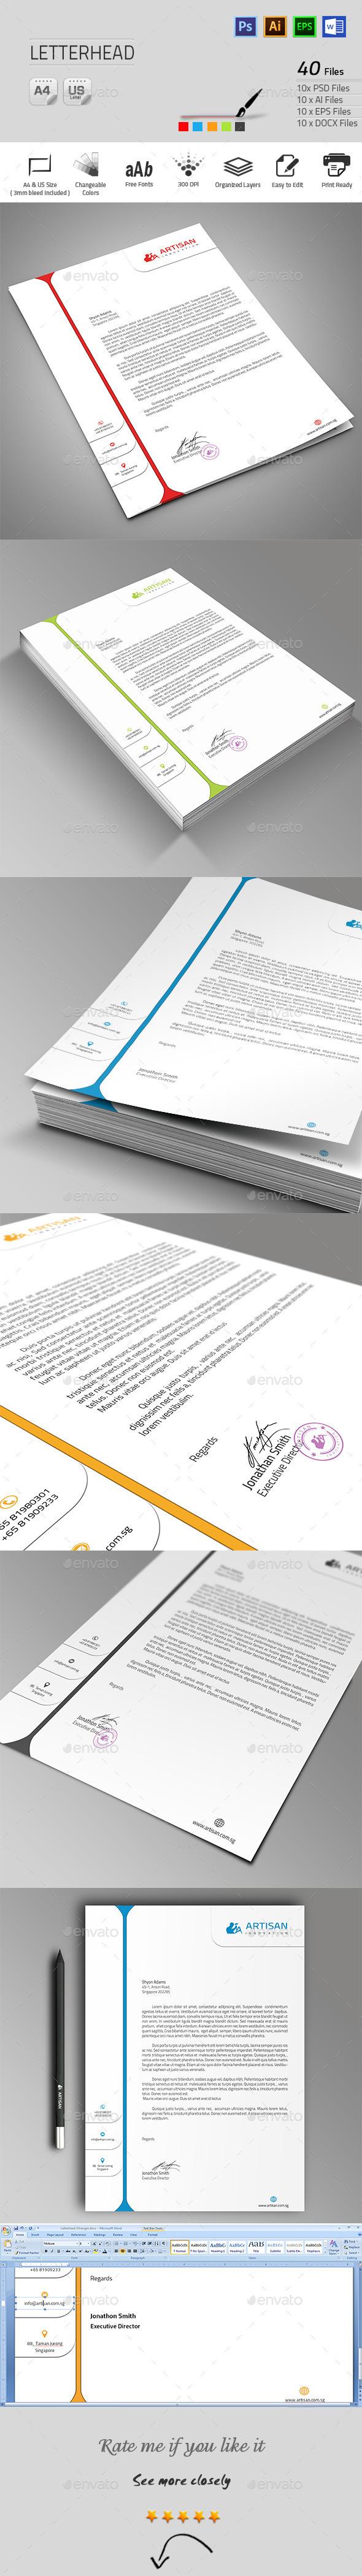 GraphicRiver Letterhead 9966266